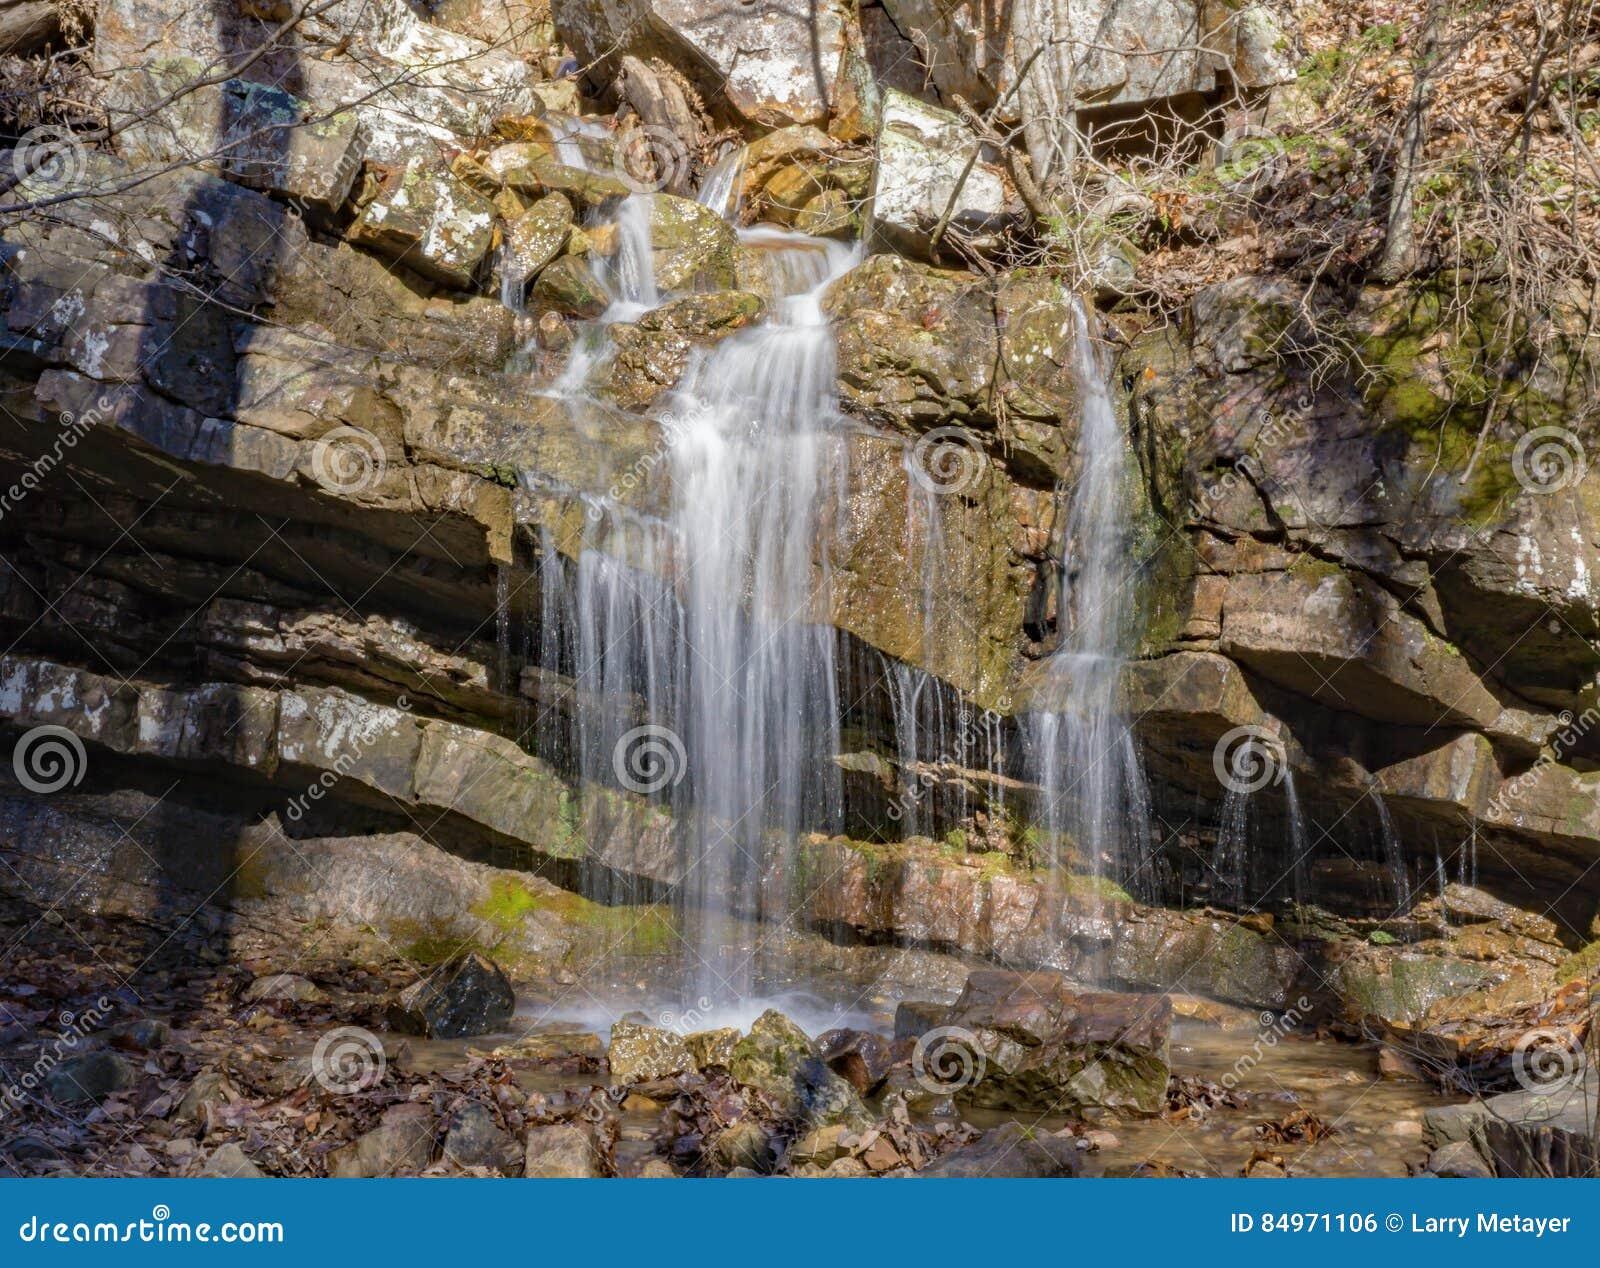 Cascades de cascade, la Virginie, Etats-Unis